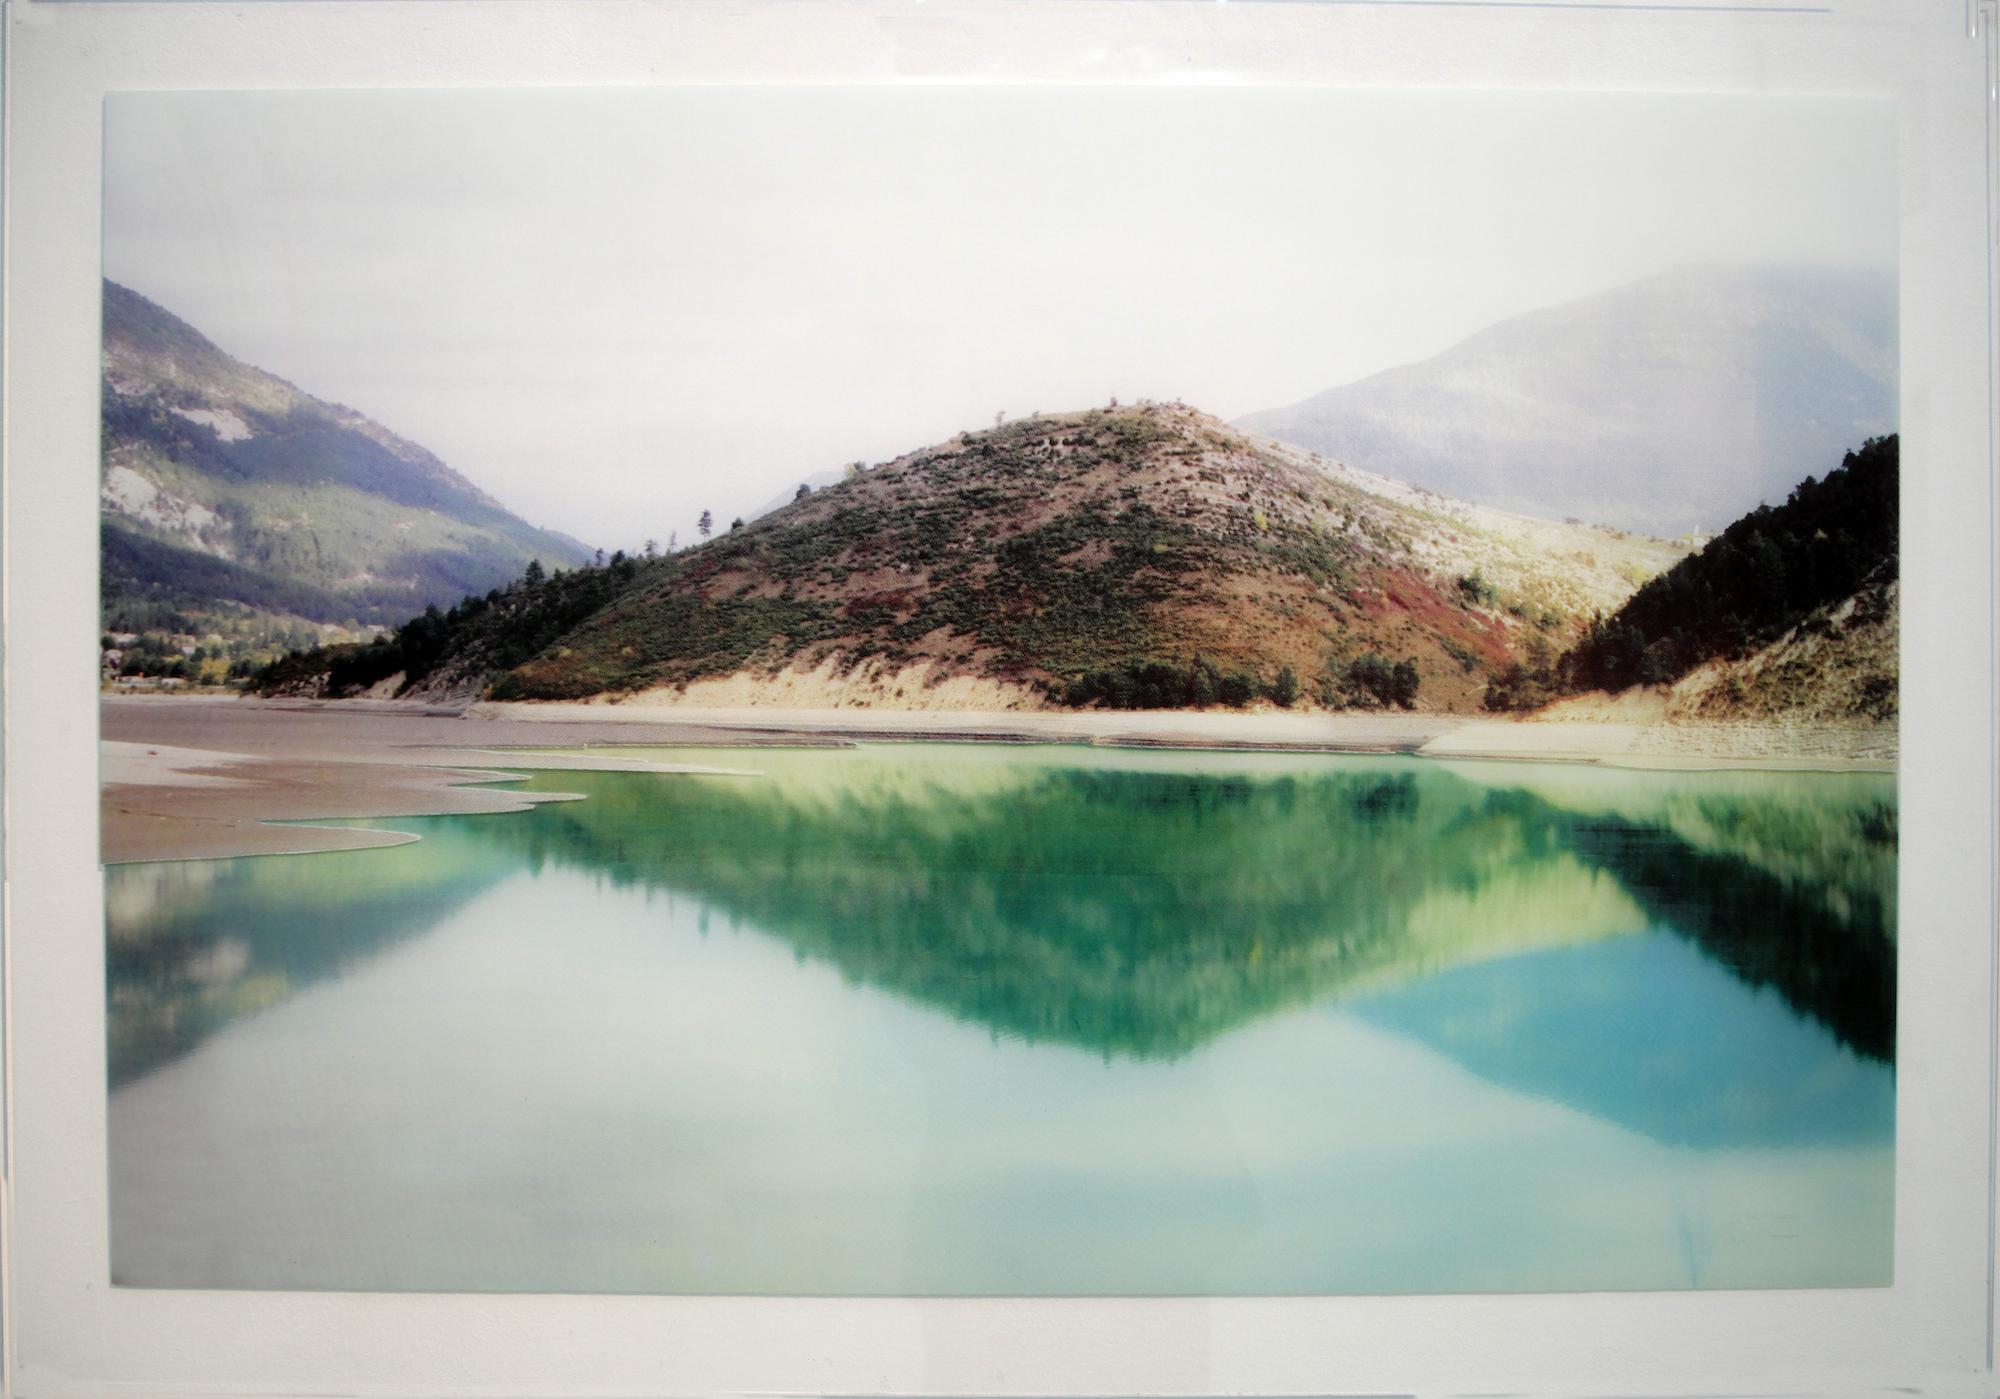 """David Ancelin,""""The Mountain"""", Série CMYK , 2014, 100 x 70 cm, Sérigraphie sur verre recto verso, Pièce unique"""